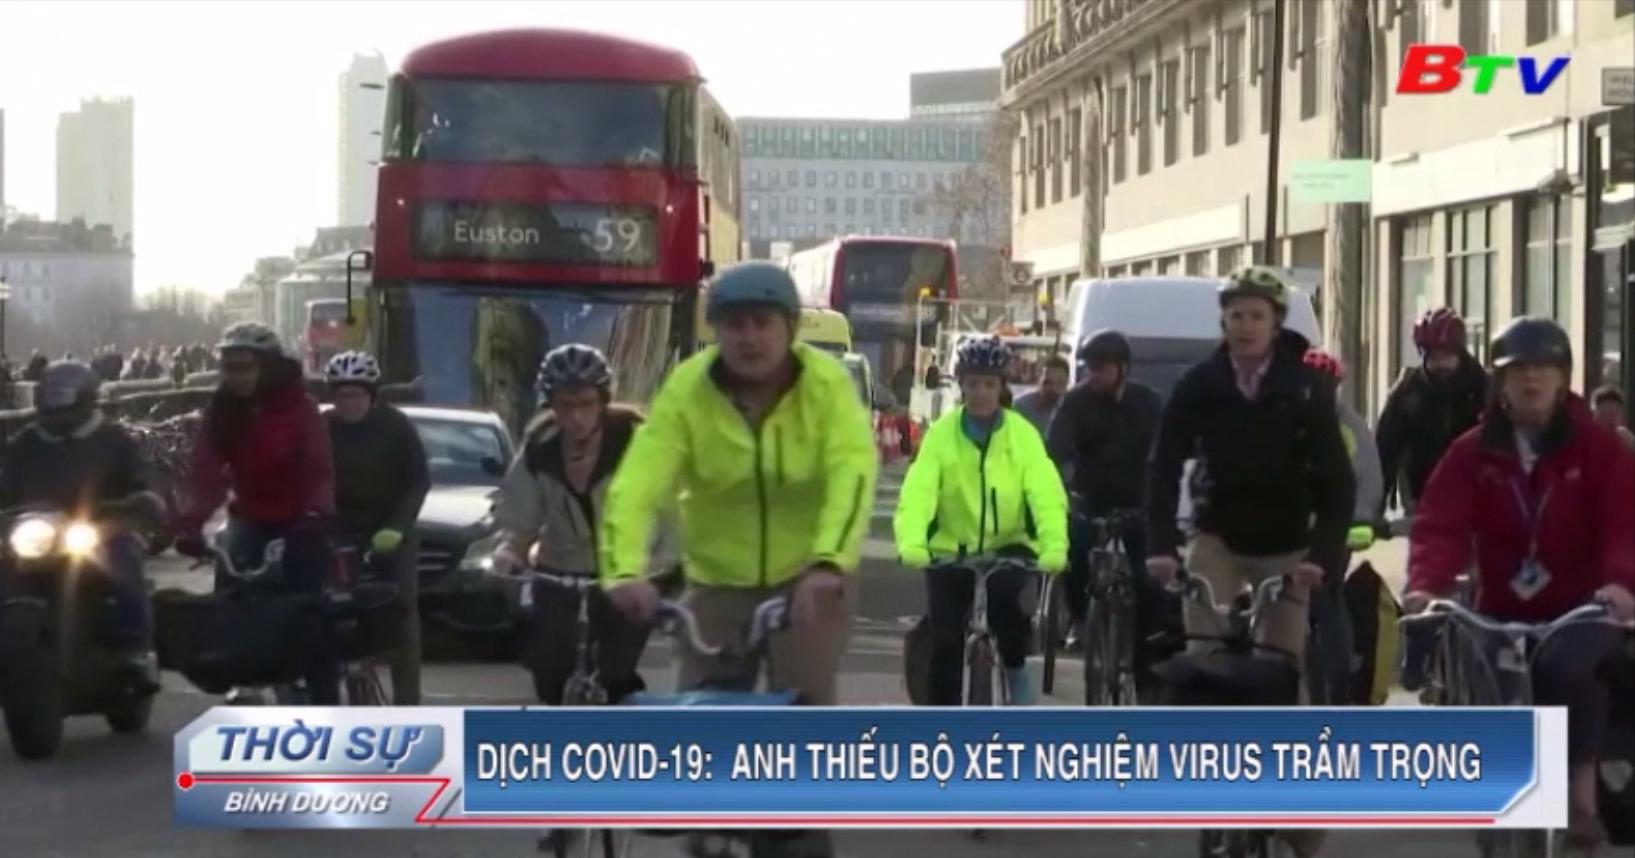 Dịch Covid-19 – Anh thiếu bộ xét nghiệm virus trầm trọng